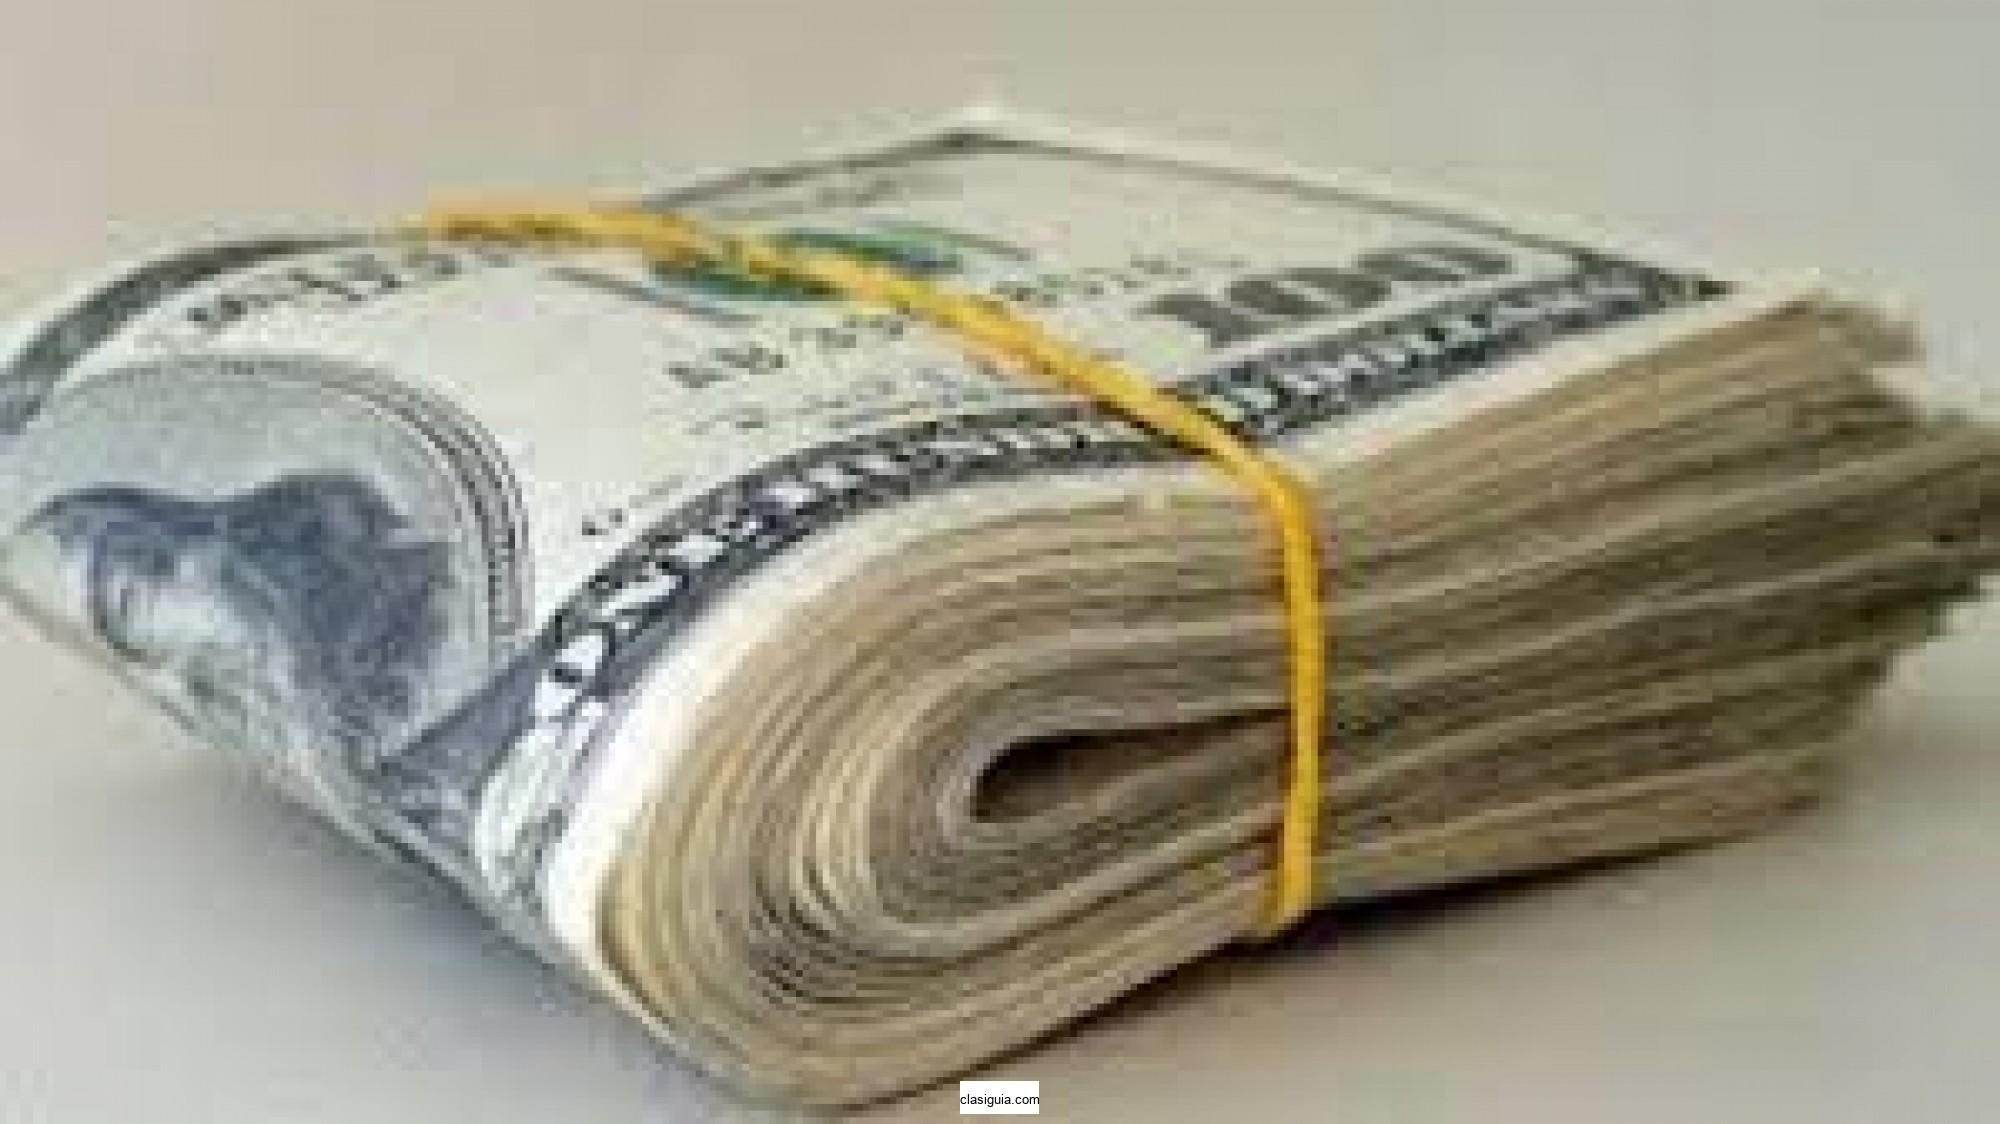 Haga préstamos en línea para el individuo que van desde: $ 5,000 hasta $ 750,000 reembolsables.